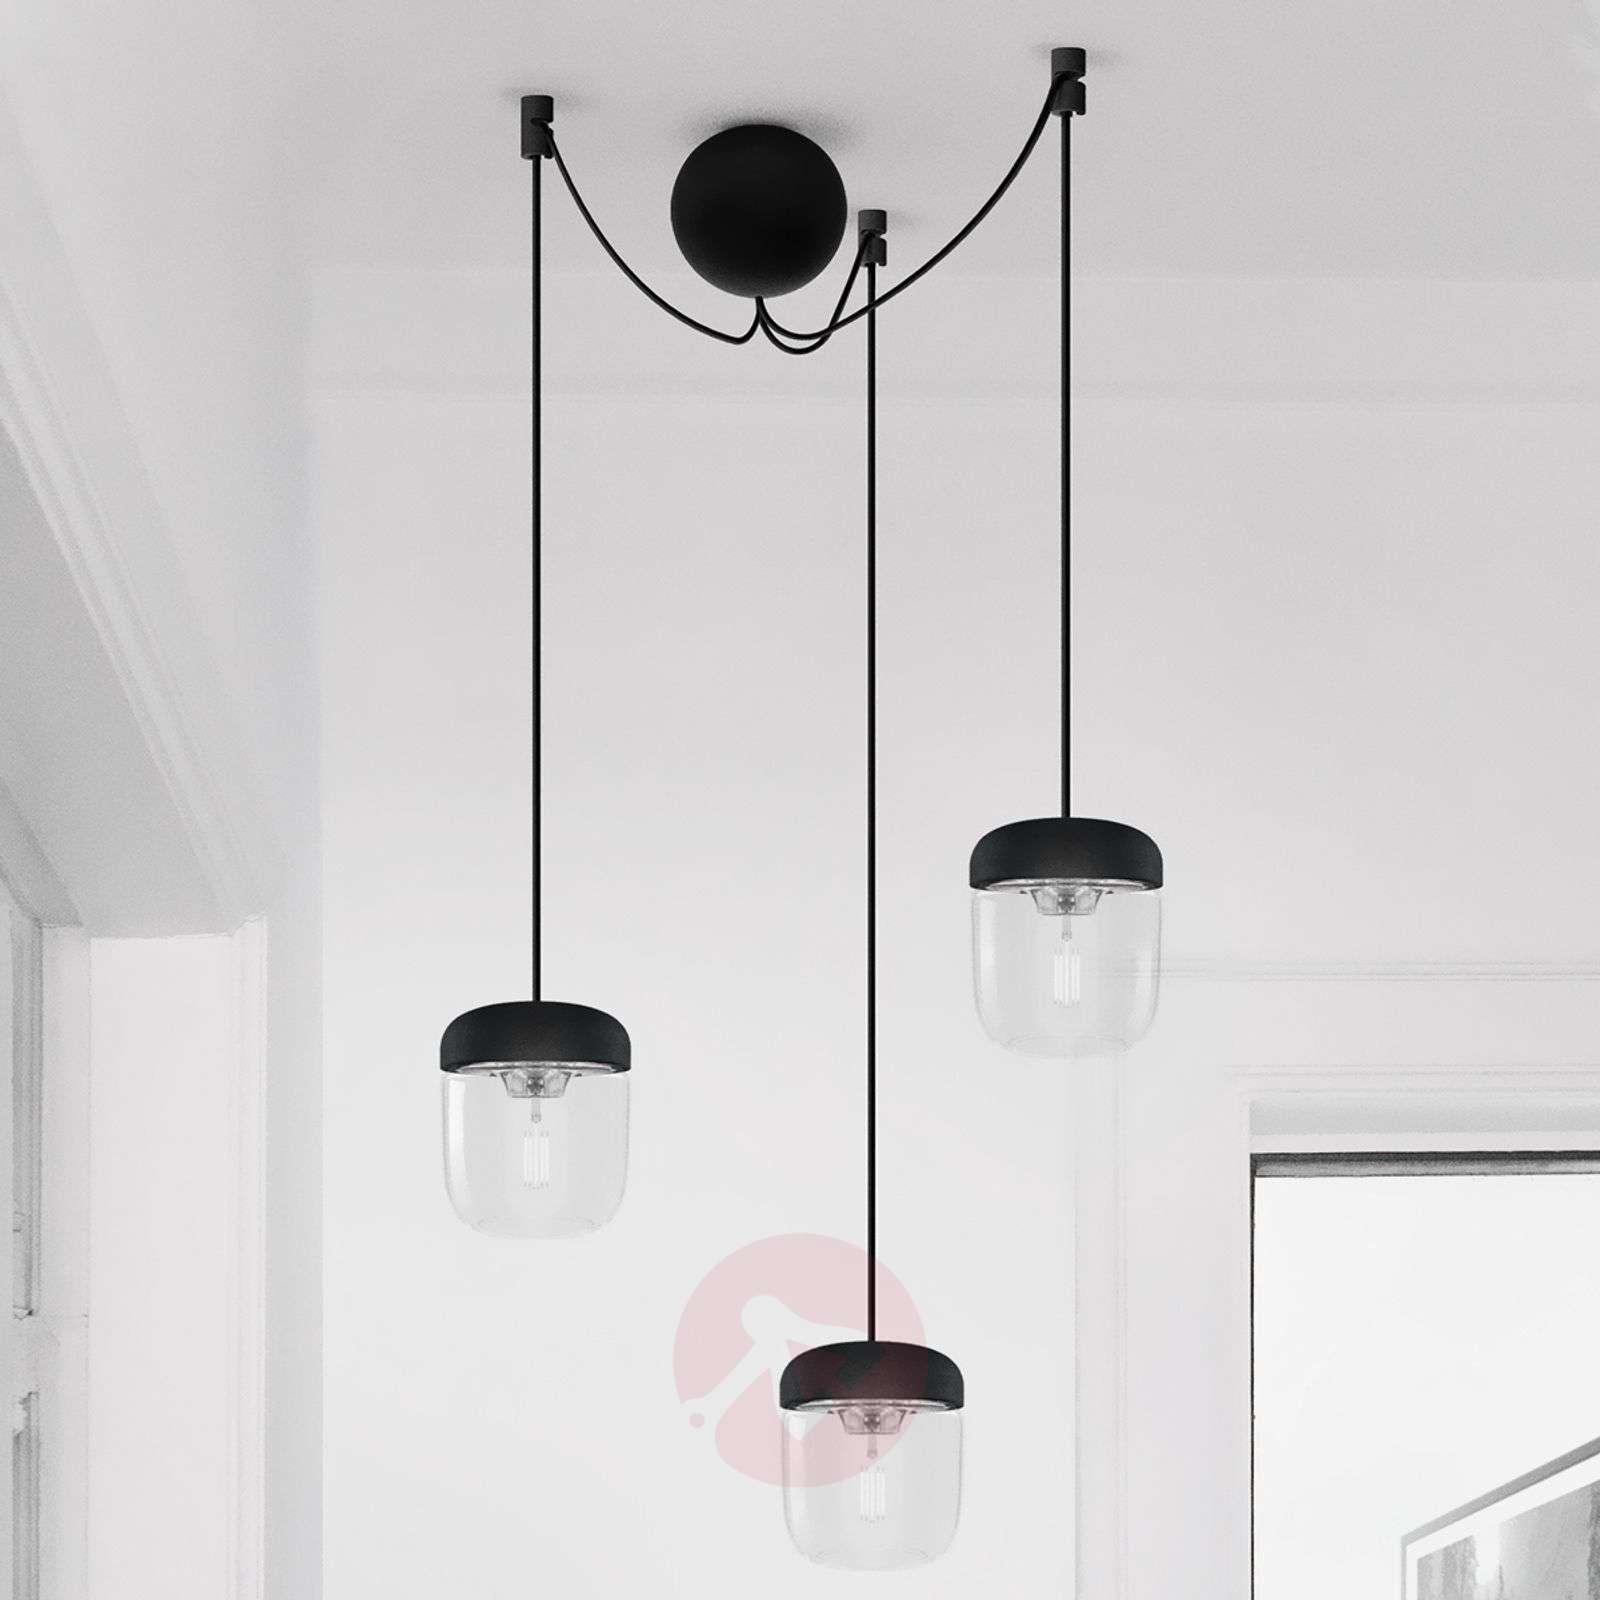 Kolmilamppuinen riippuvalaisin Acorn, musta, teräs-9521096-01